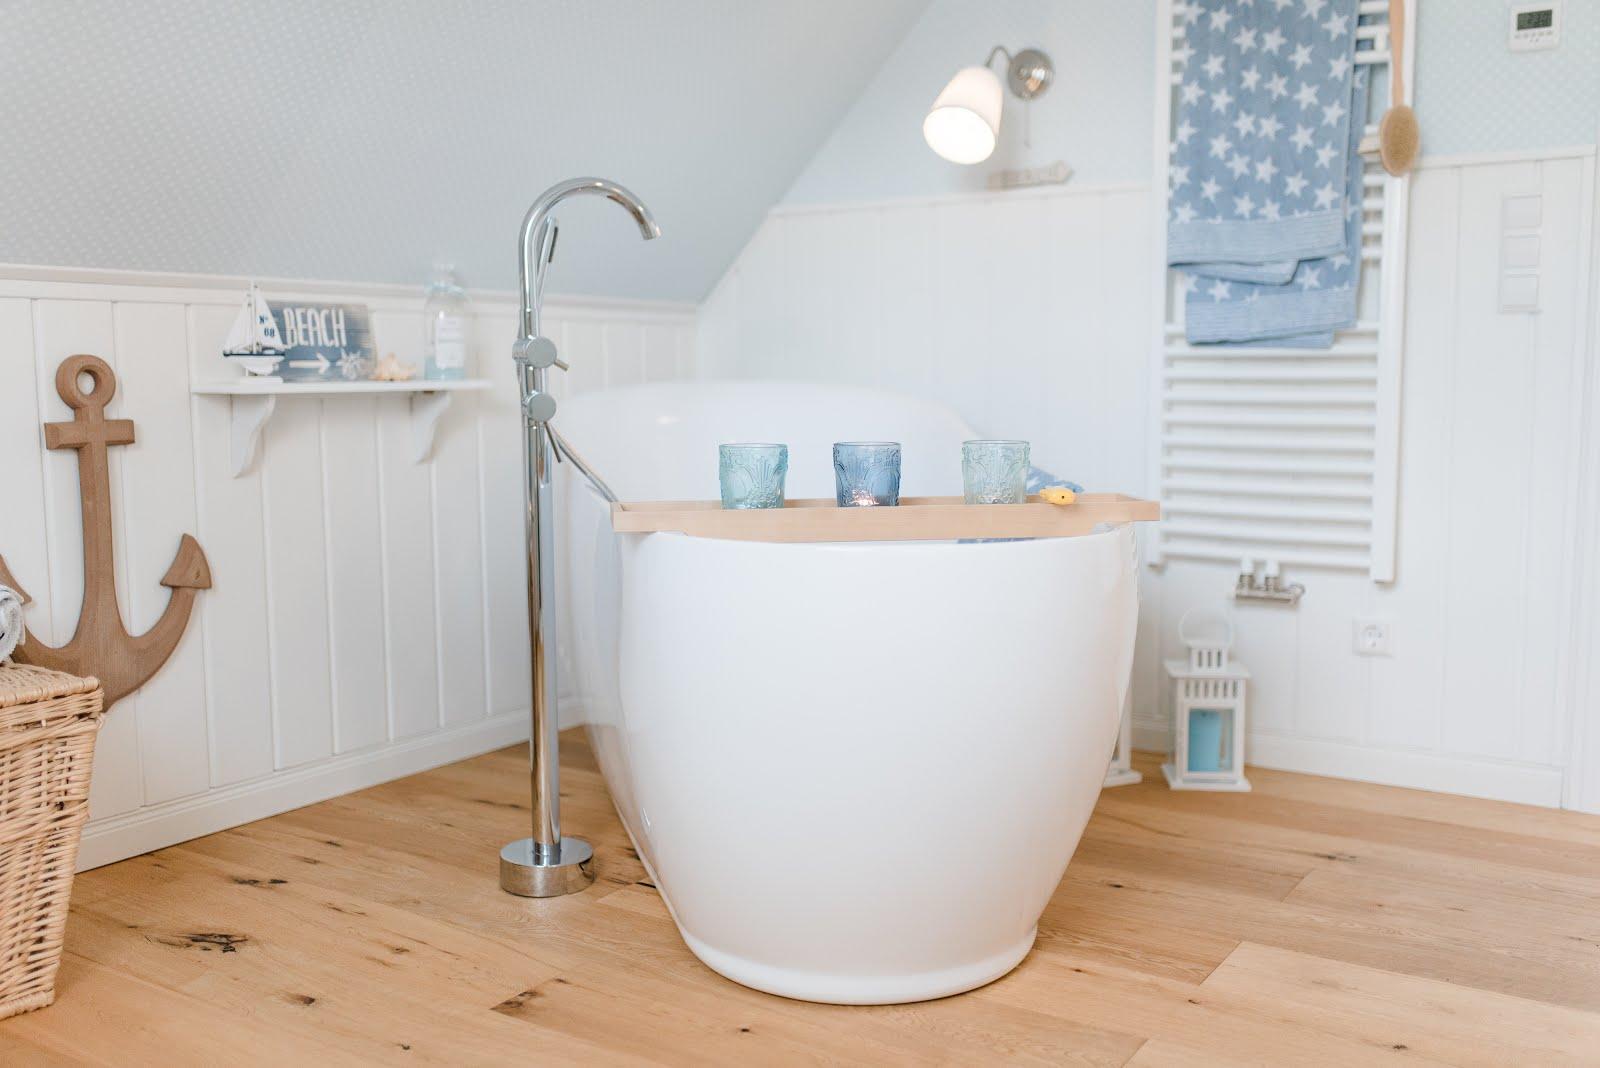 Schwedenhaus badezimmer  Kleine Lotta ~ Unser Schwedenhaus: Unser neues